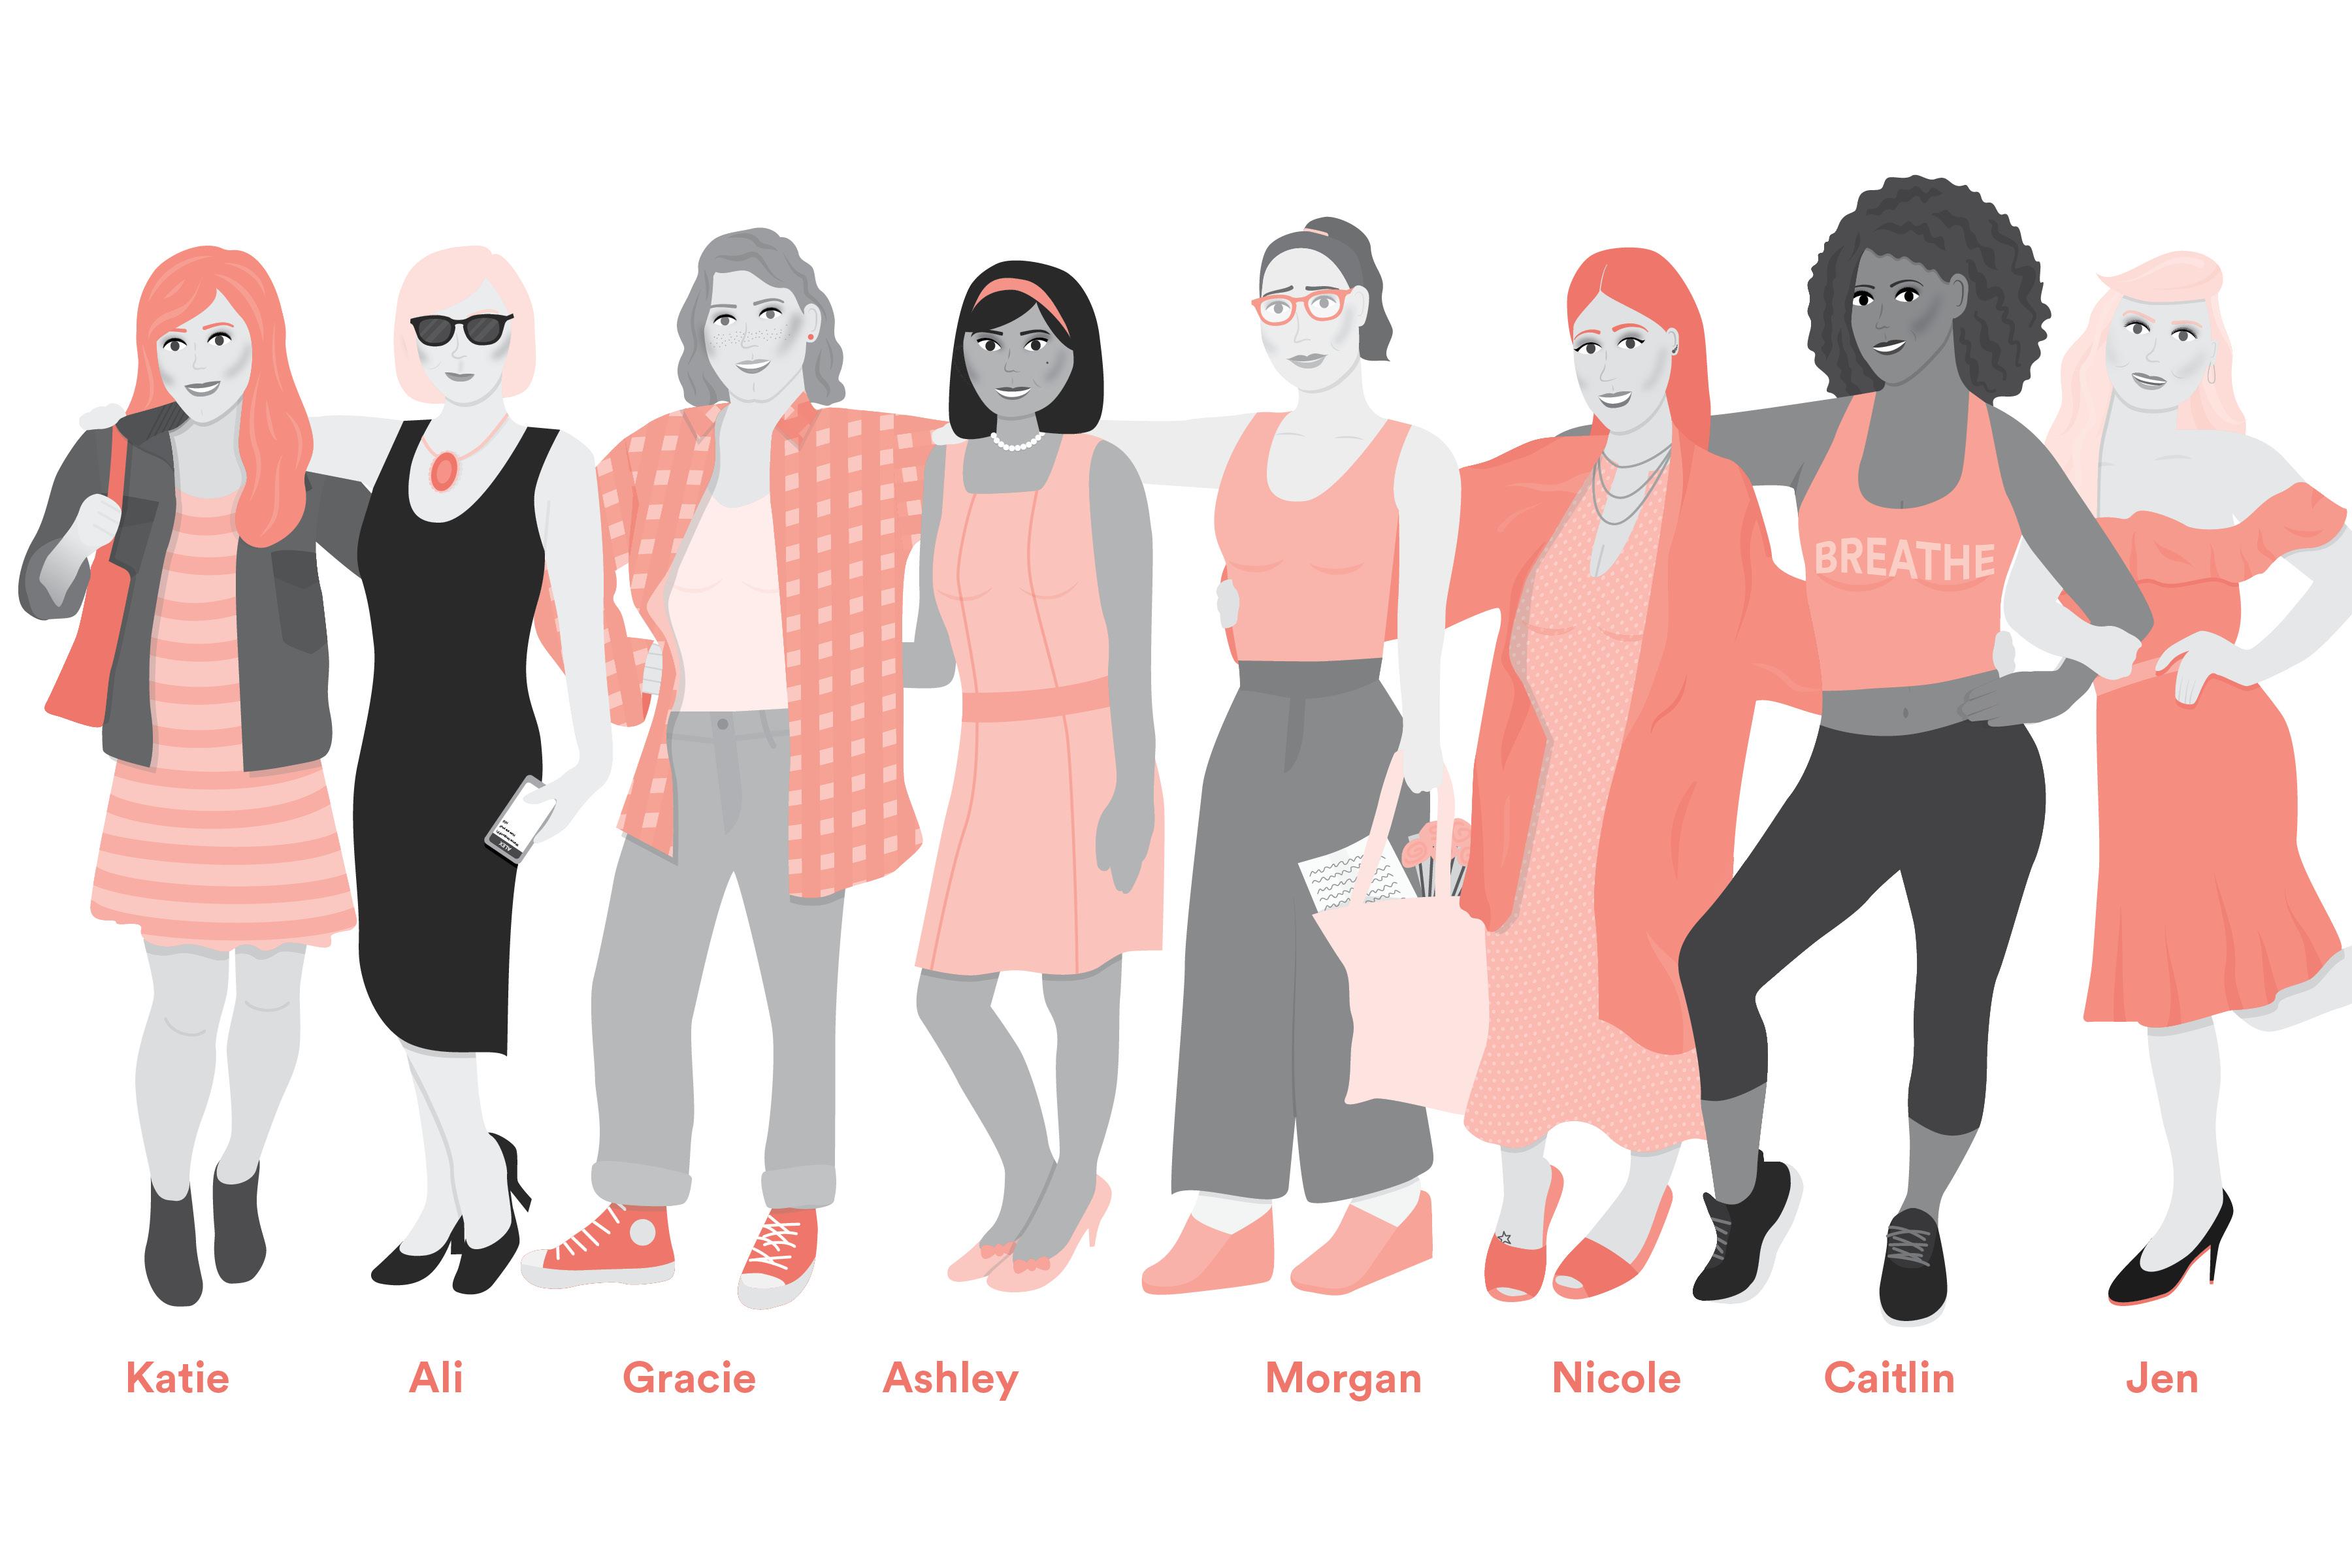 'Hey Ladies!' illustration by Carolyn Bahar.